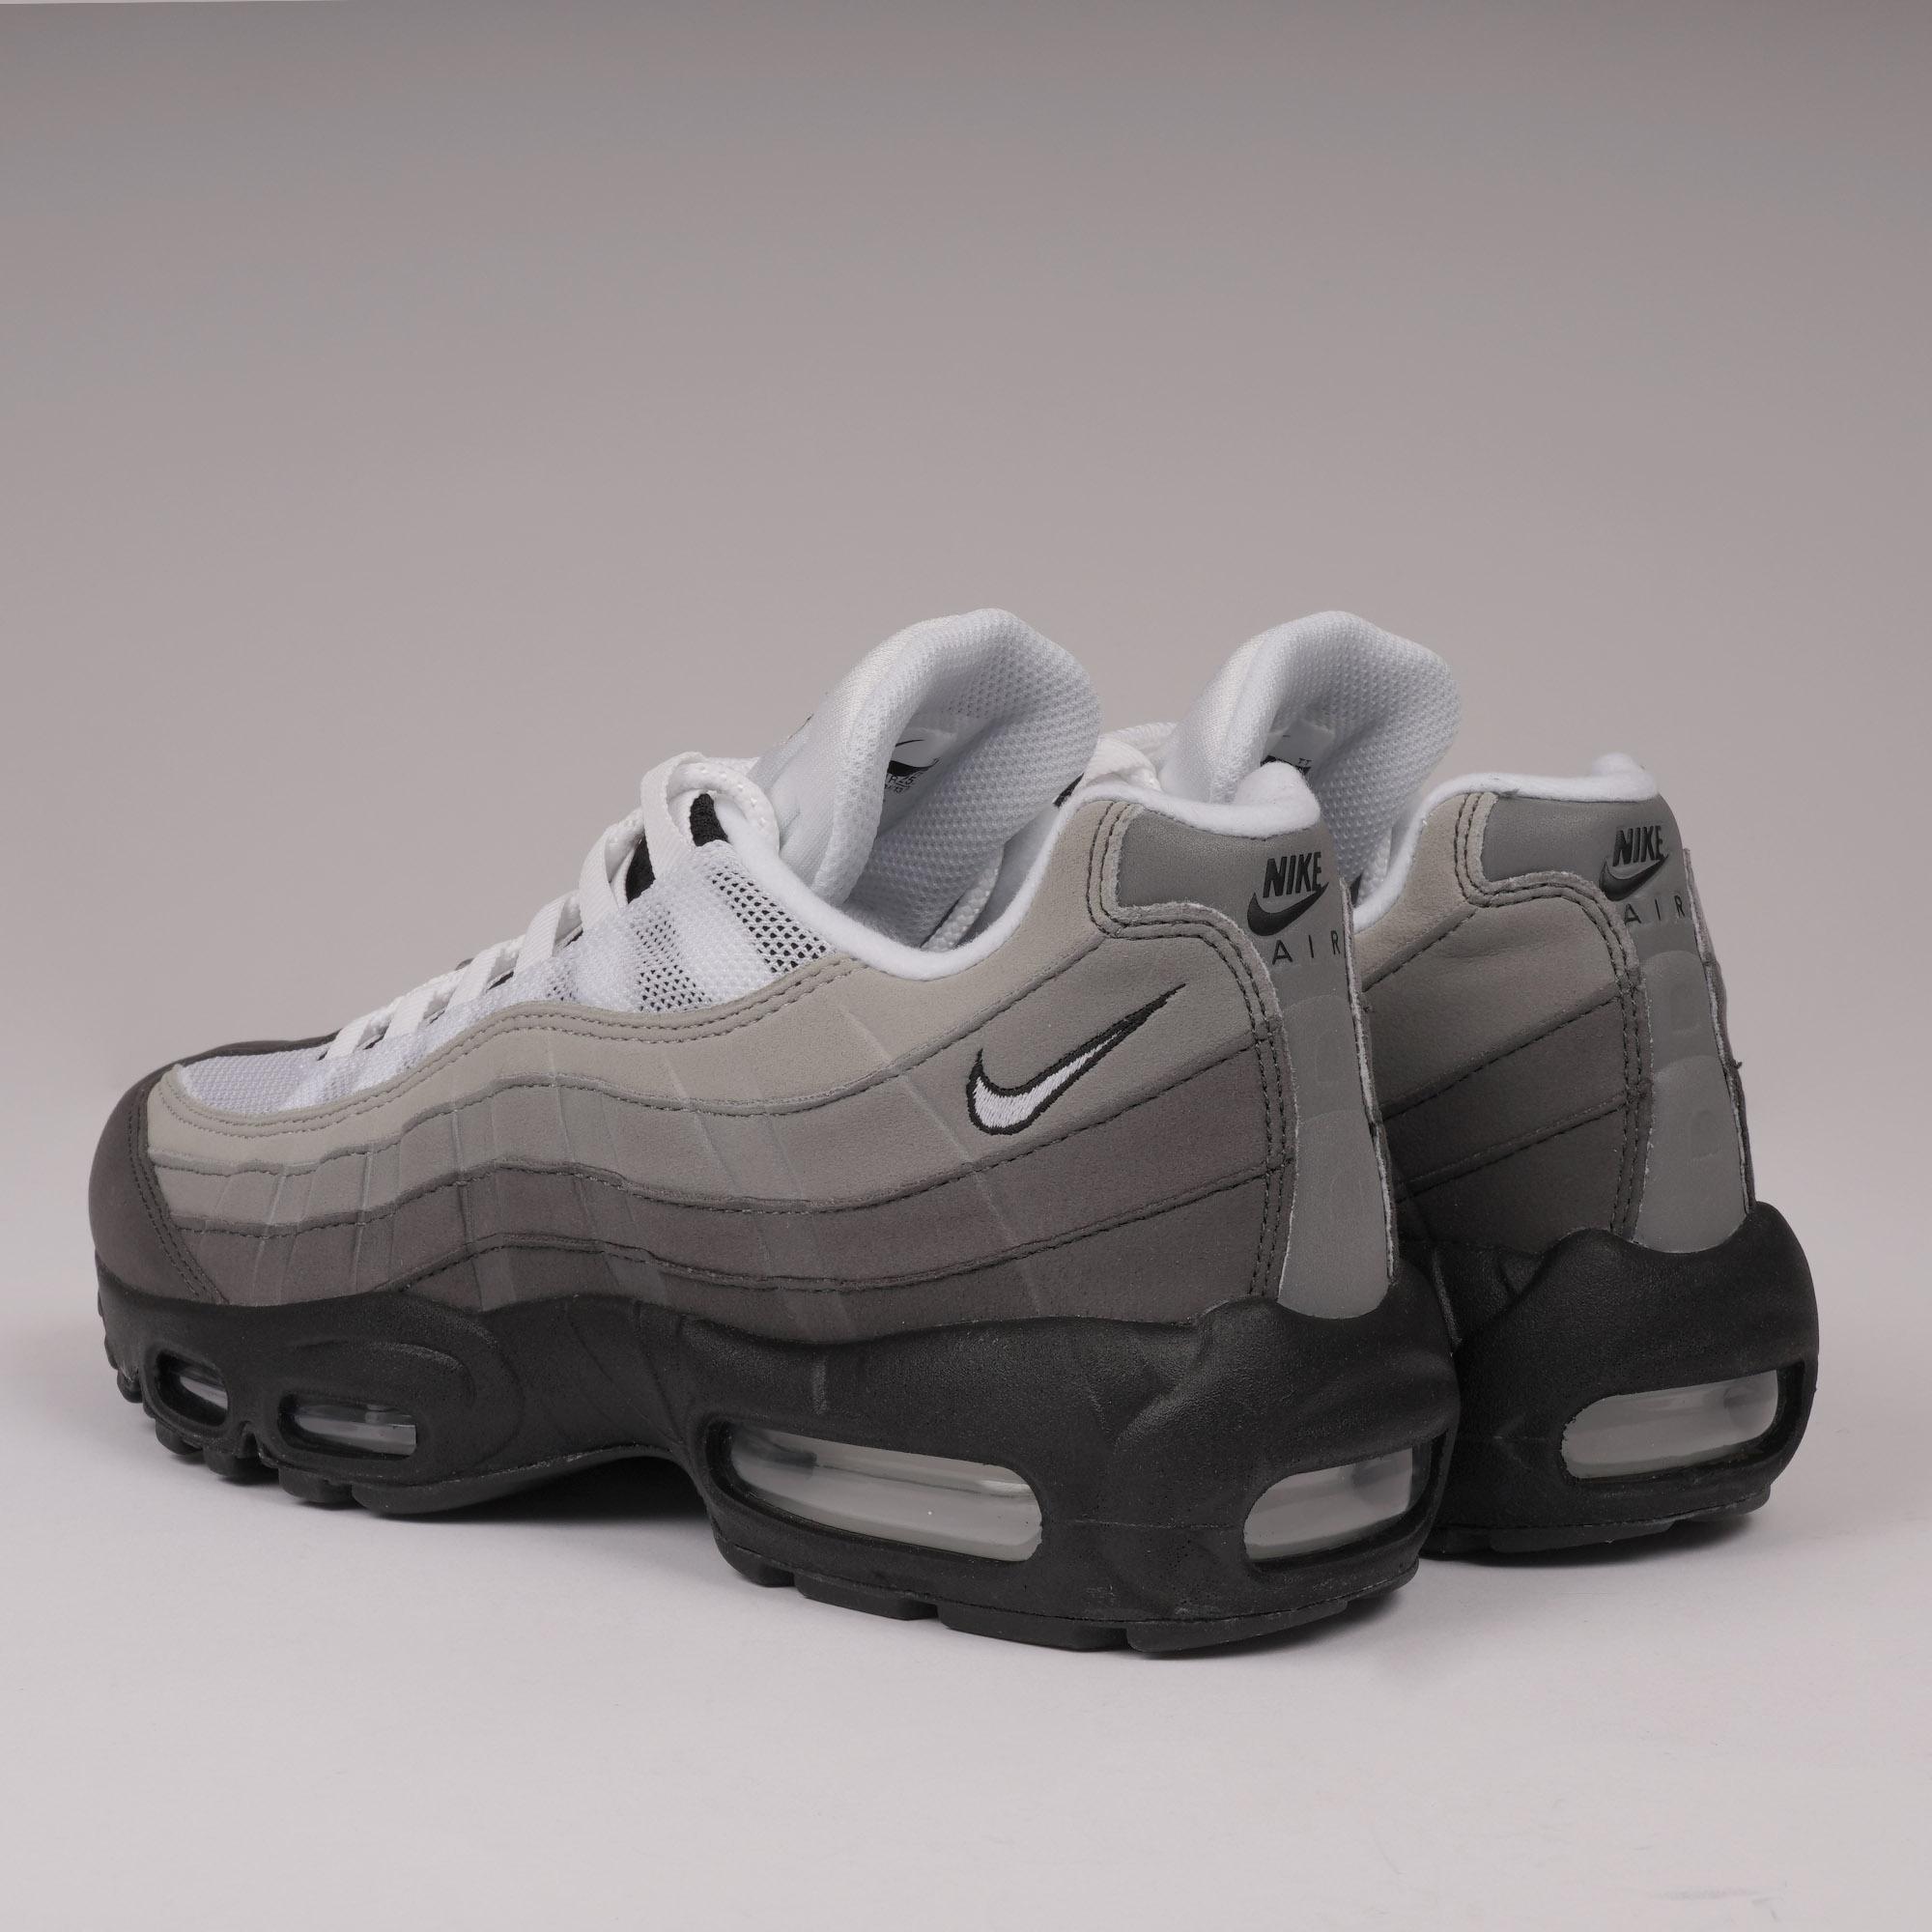 Lyst - Nike Air Max 95 Og - Black 46e605798